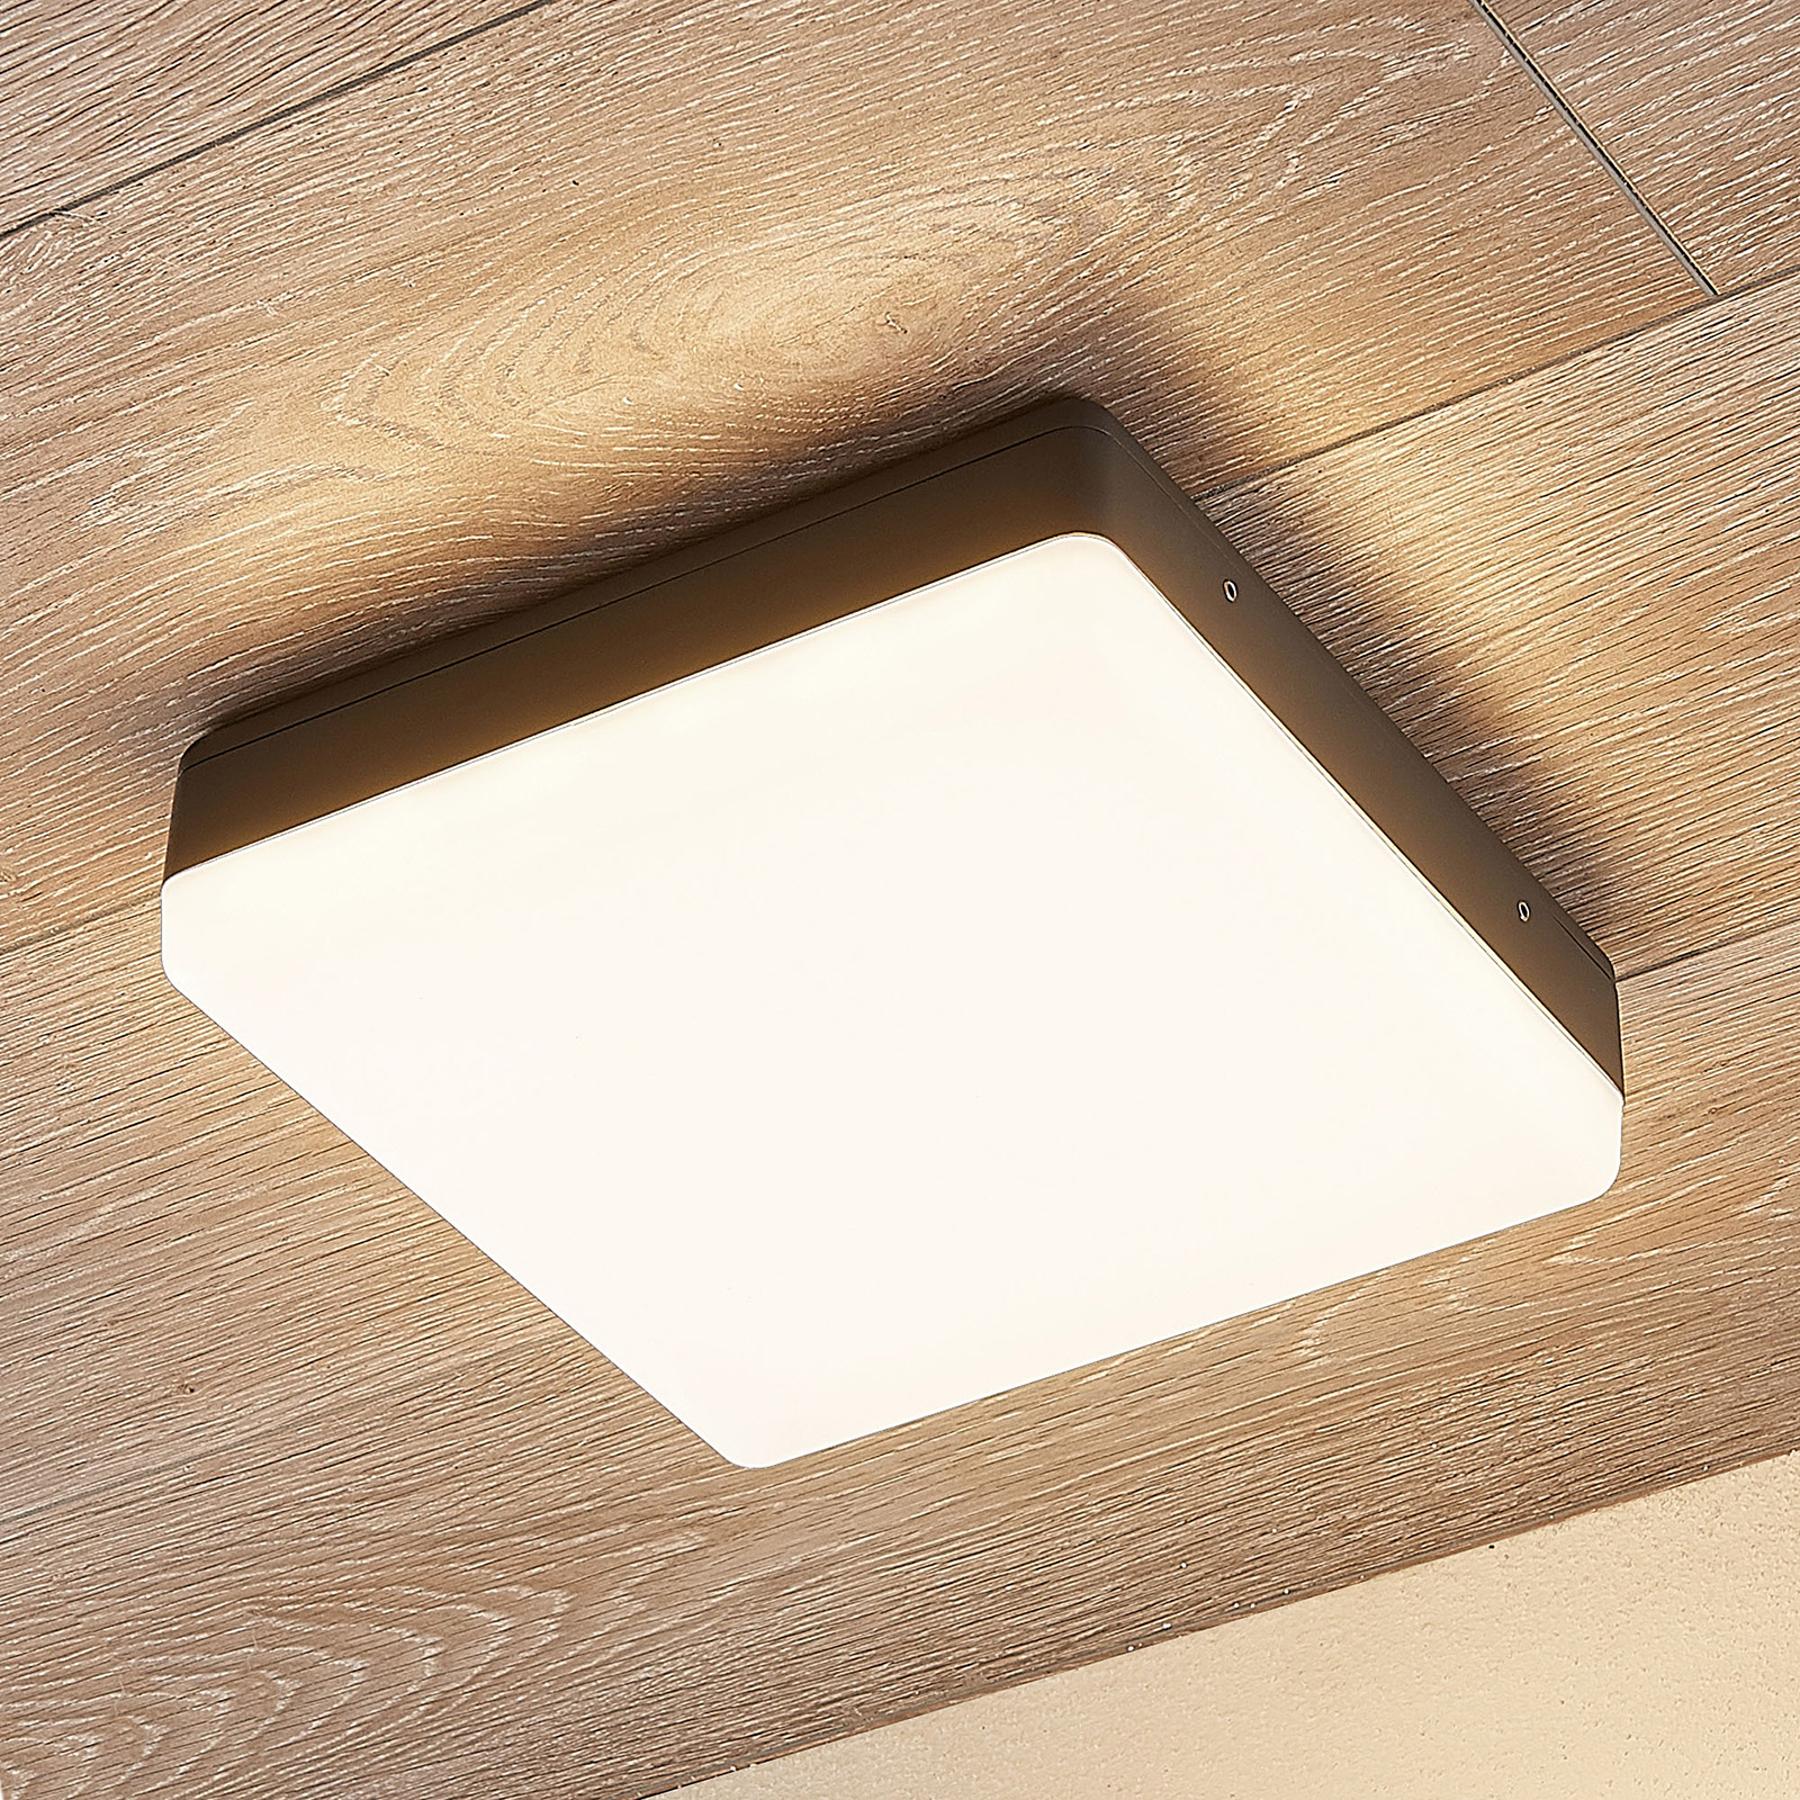 Lampa sufitowa LED Thilo, szary, 24cm